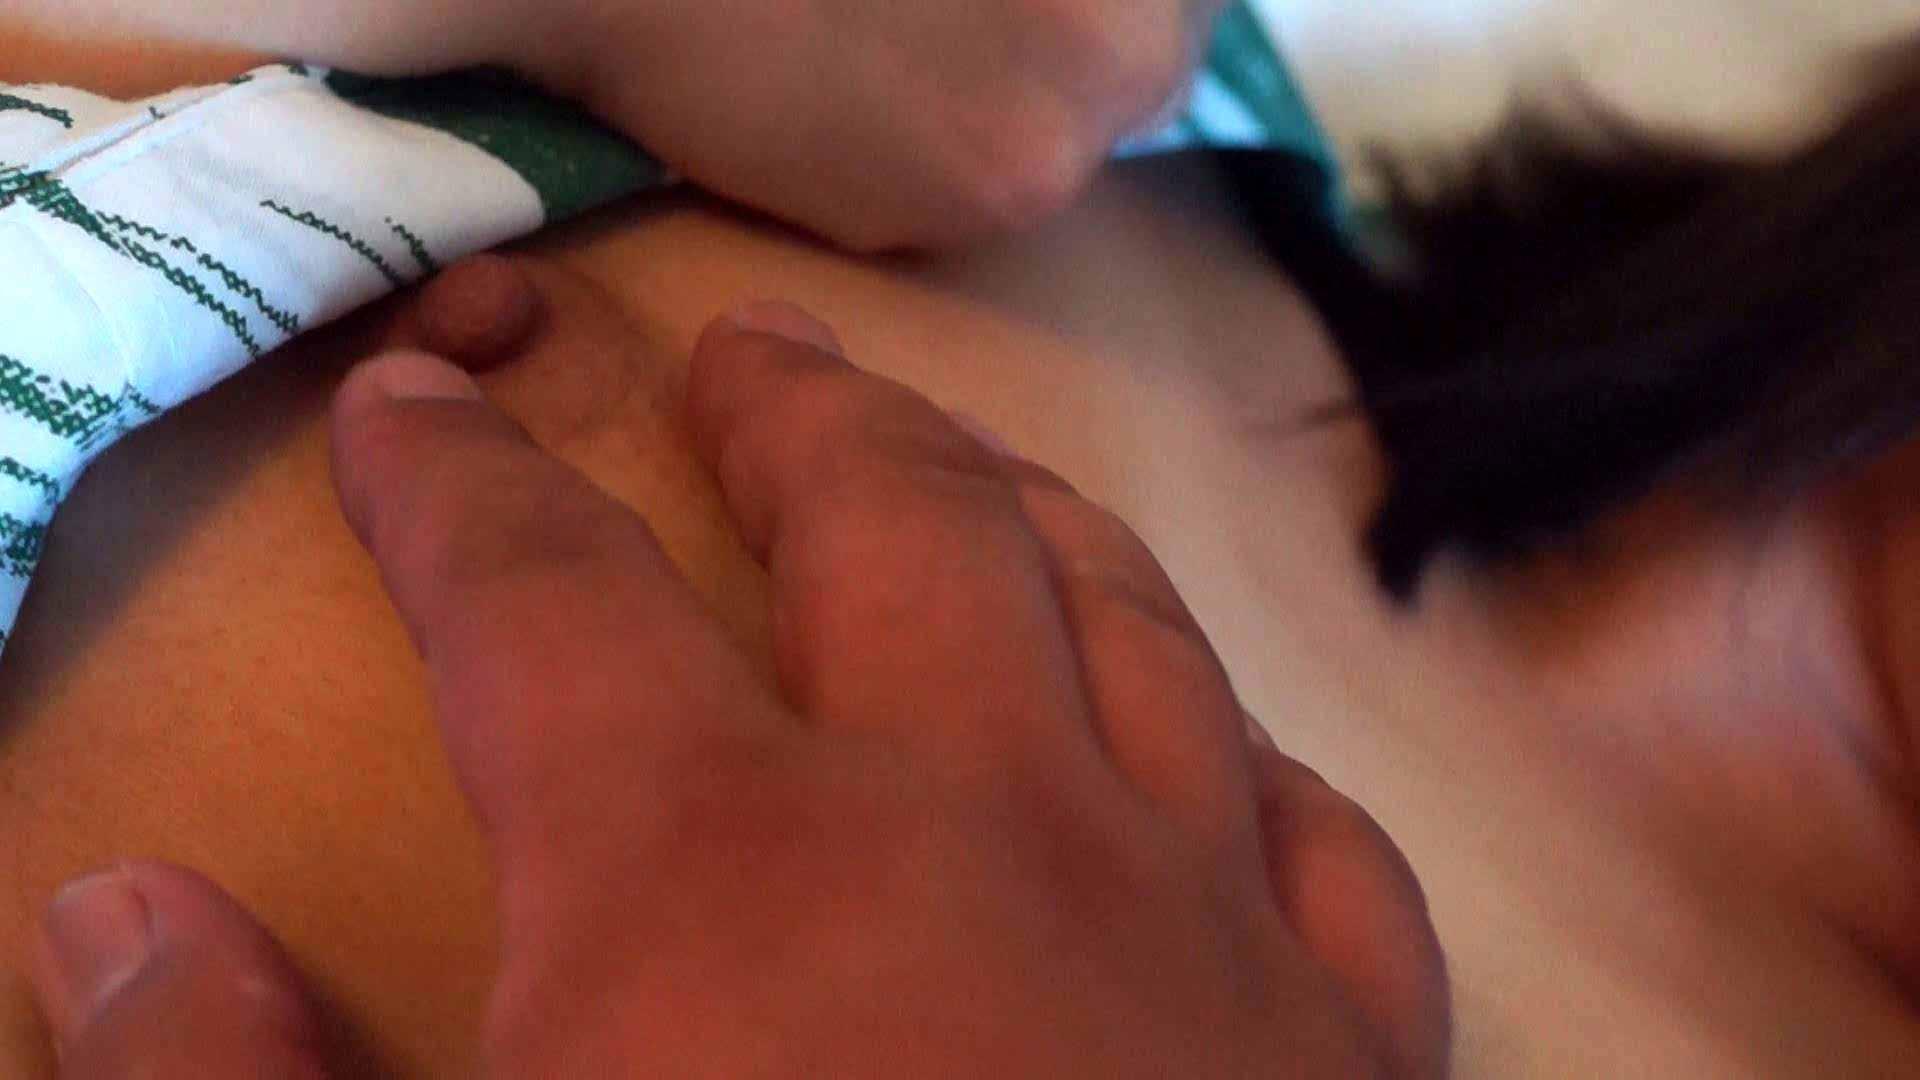 vol.8 前回撮影で見ることのできなかった留華ちゃんの小ぶりな胸! 顔出しNG一般女性  110pic 86